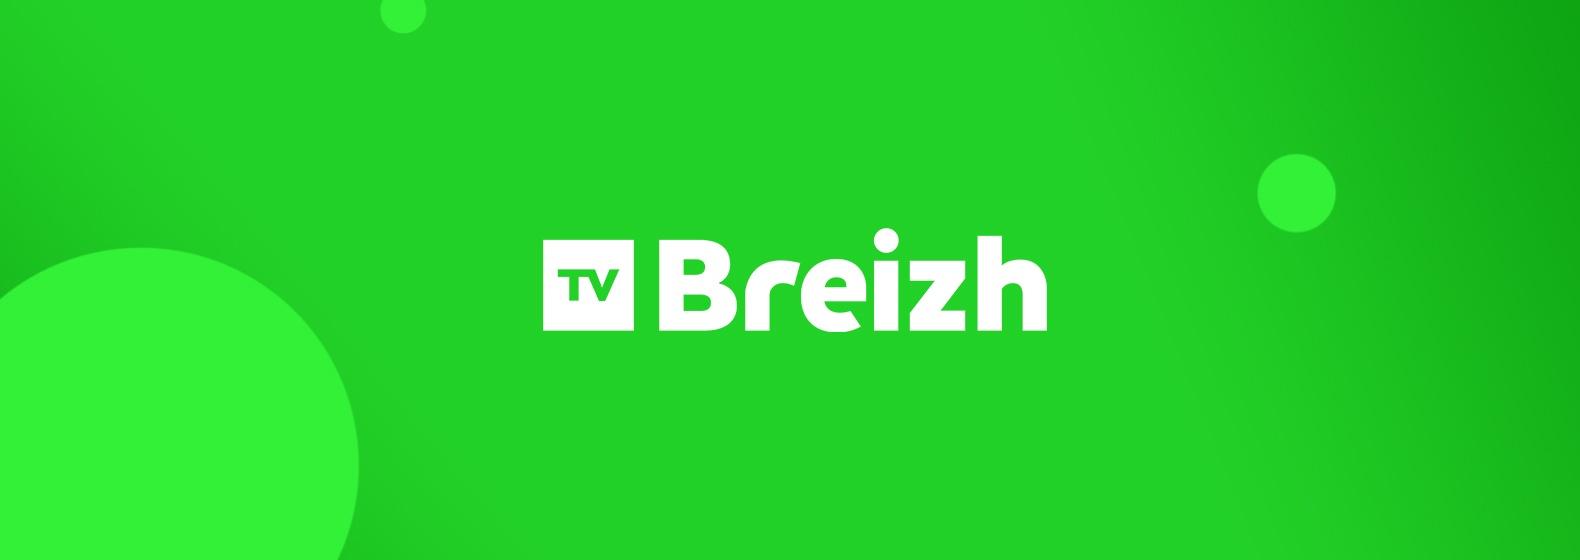 tv-breizh-1.jpg